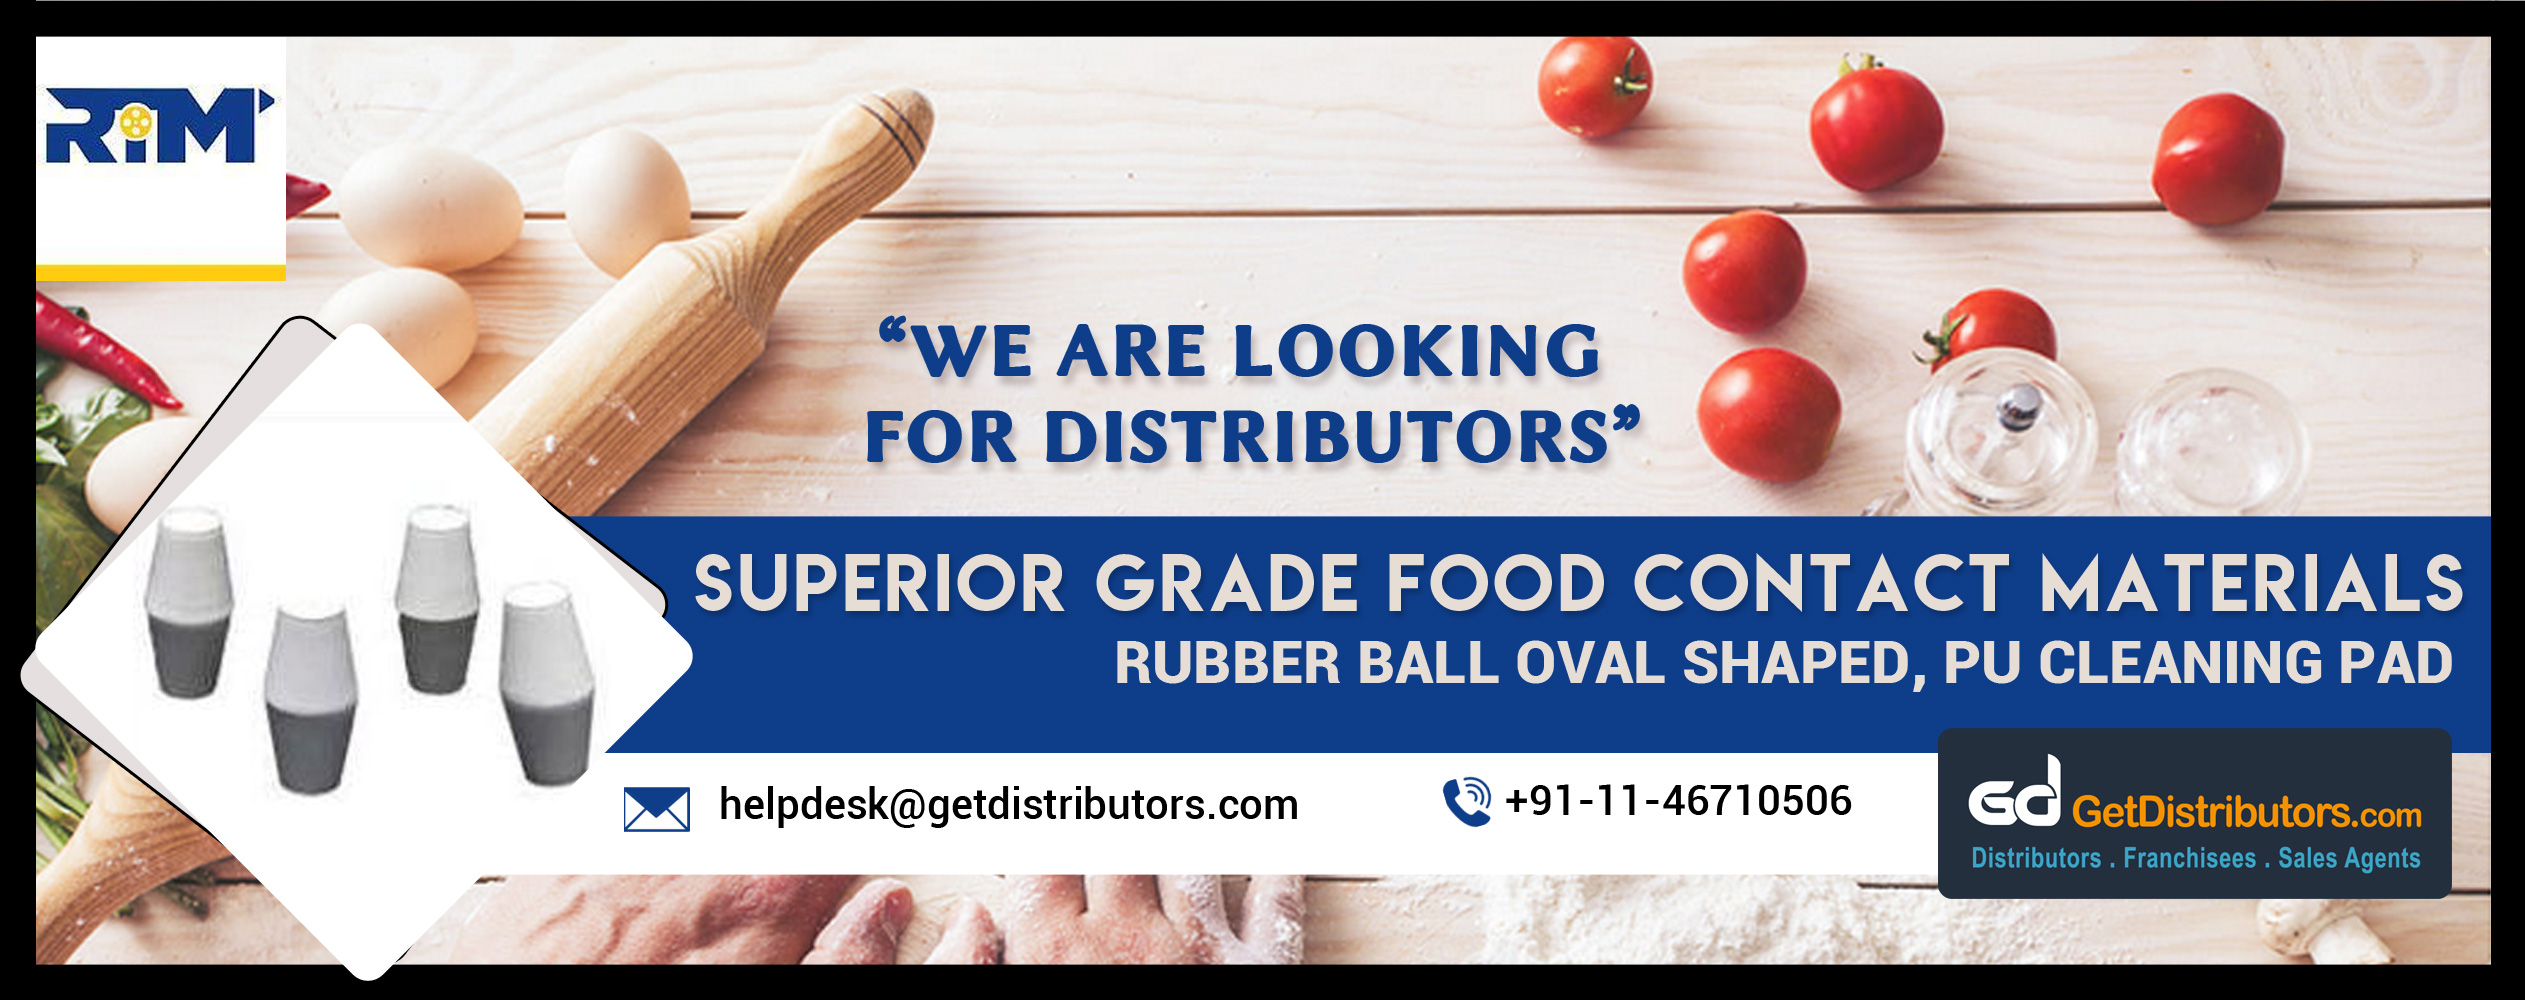 Superior Grade Food Contact Materials